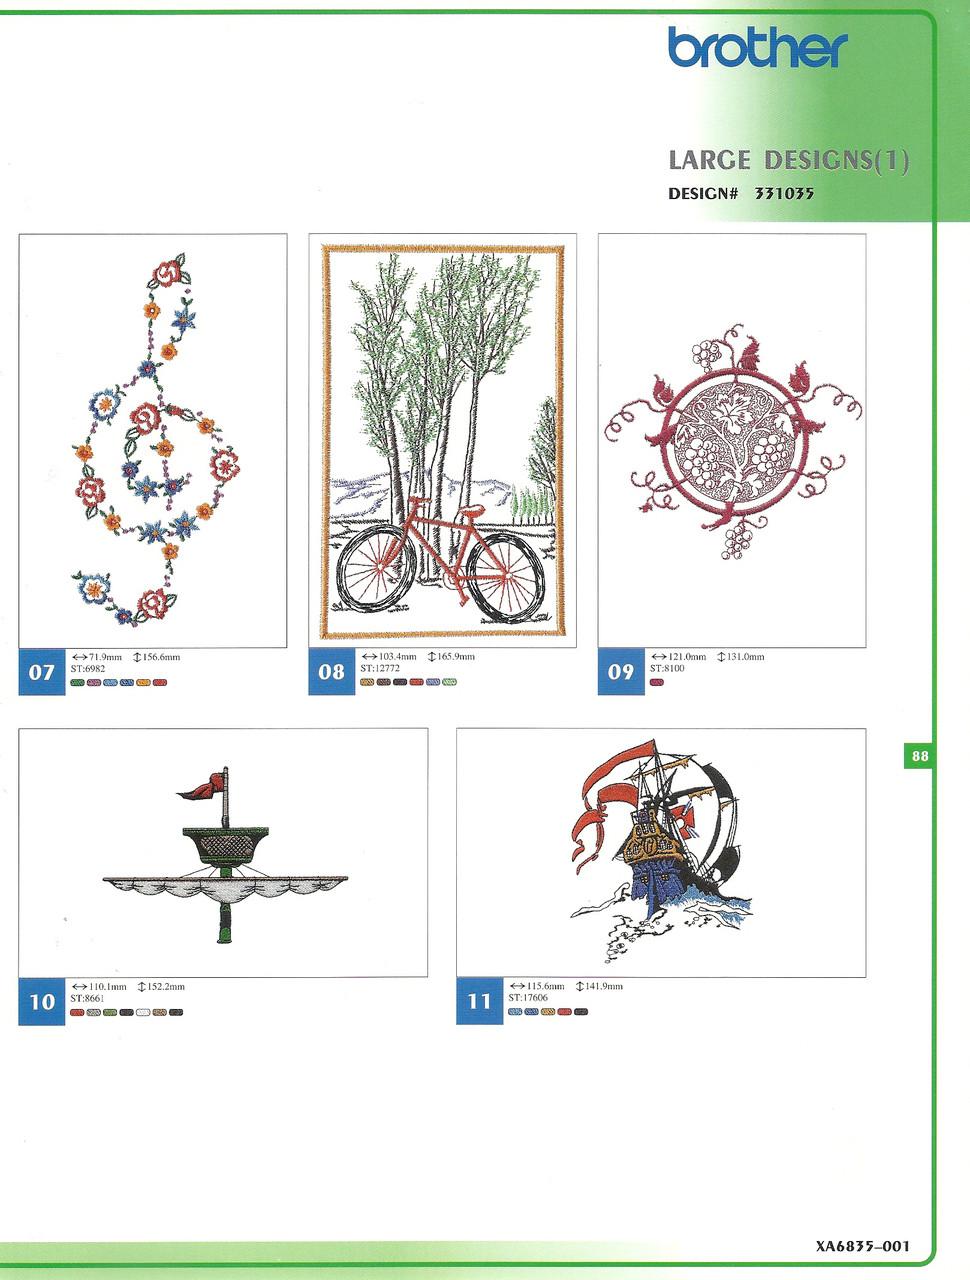 331035 Large Designs I_2